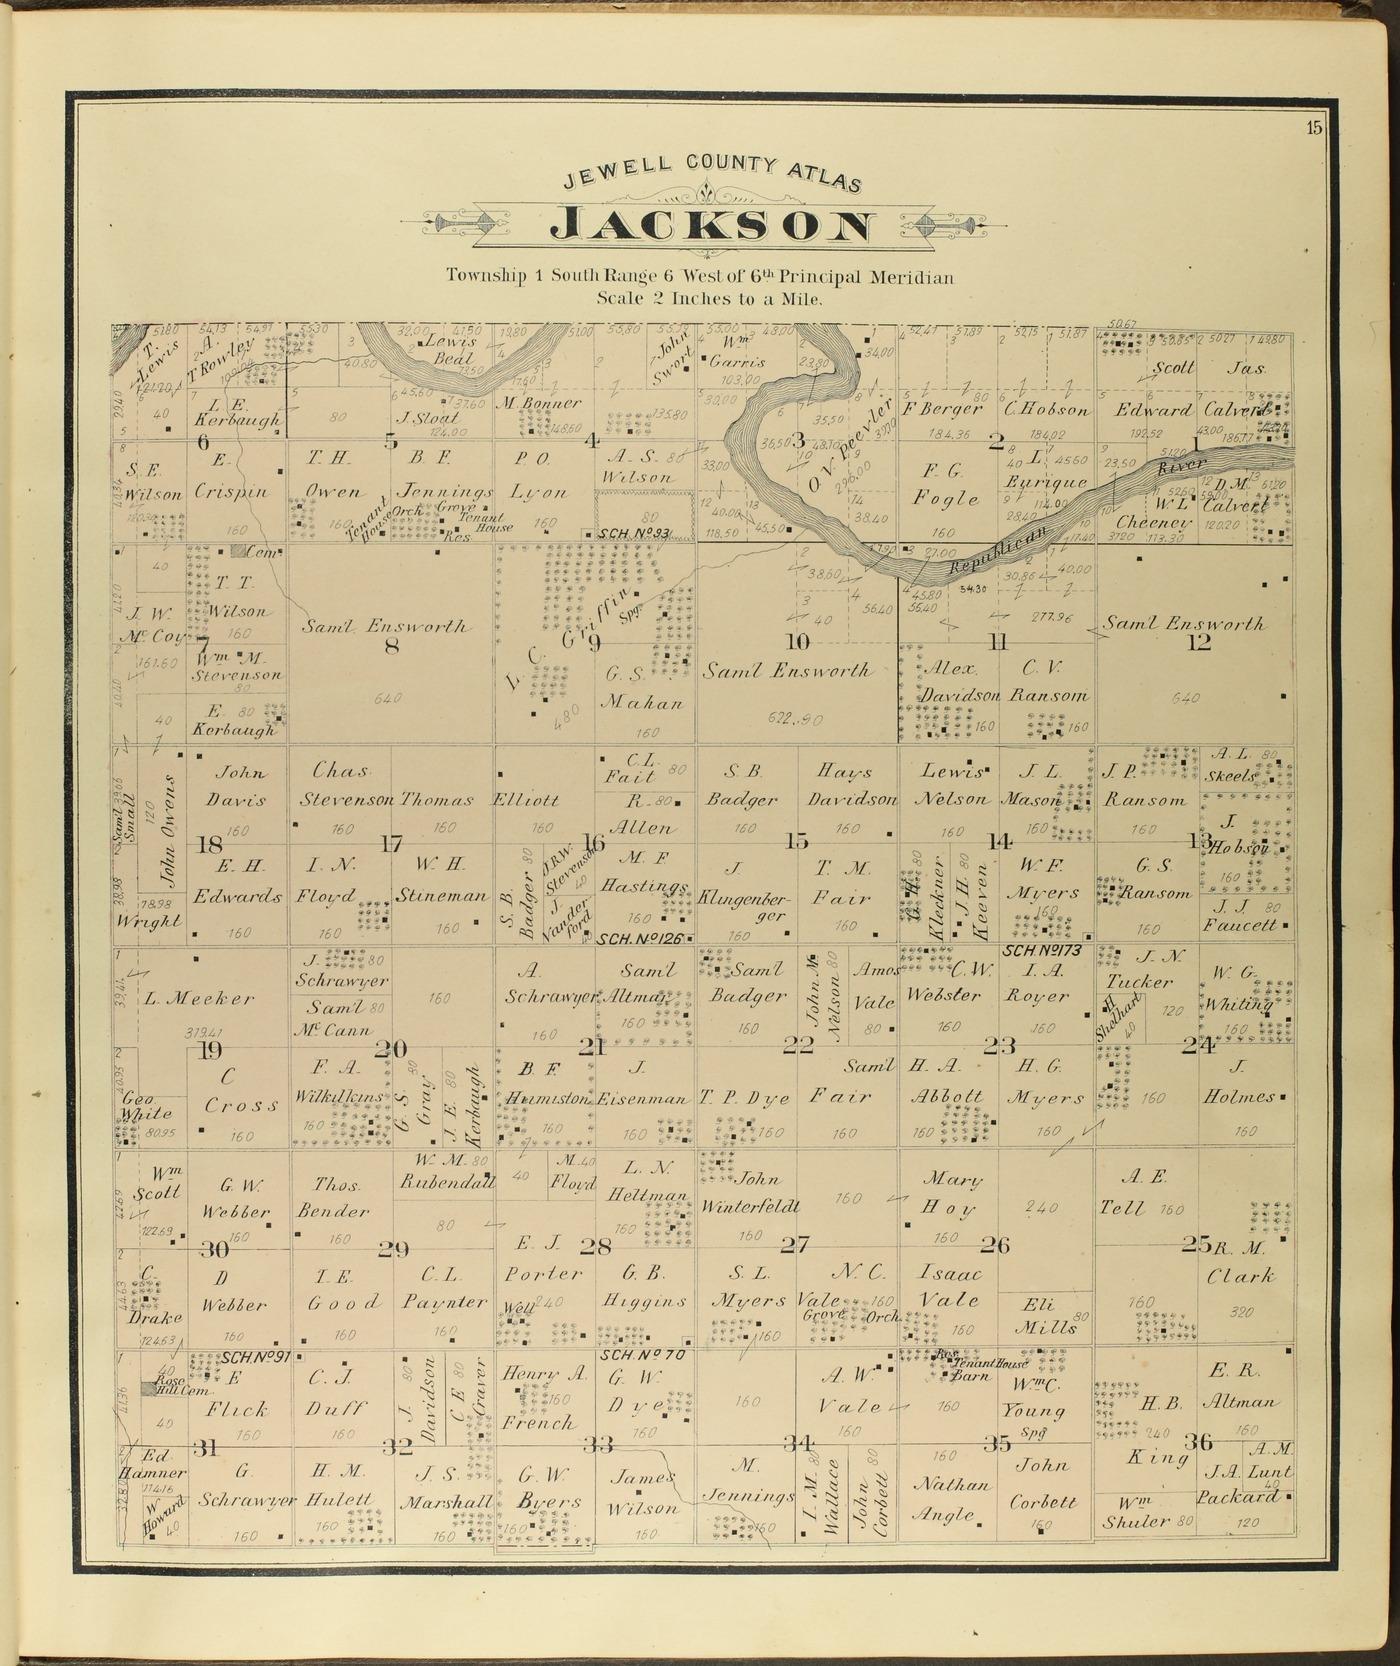 Atlas of Jewell County, Kansas - 15